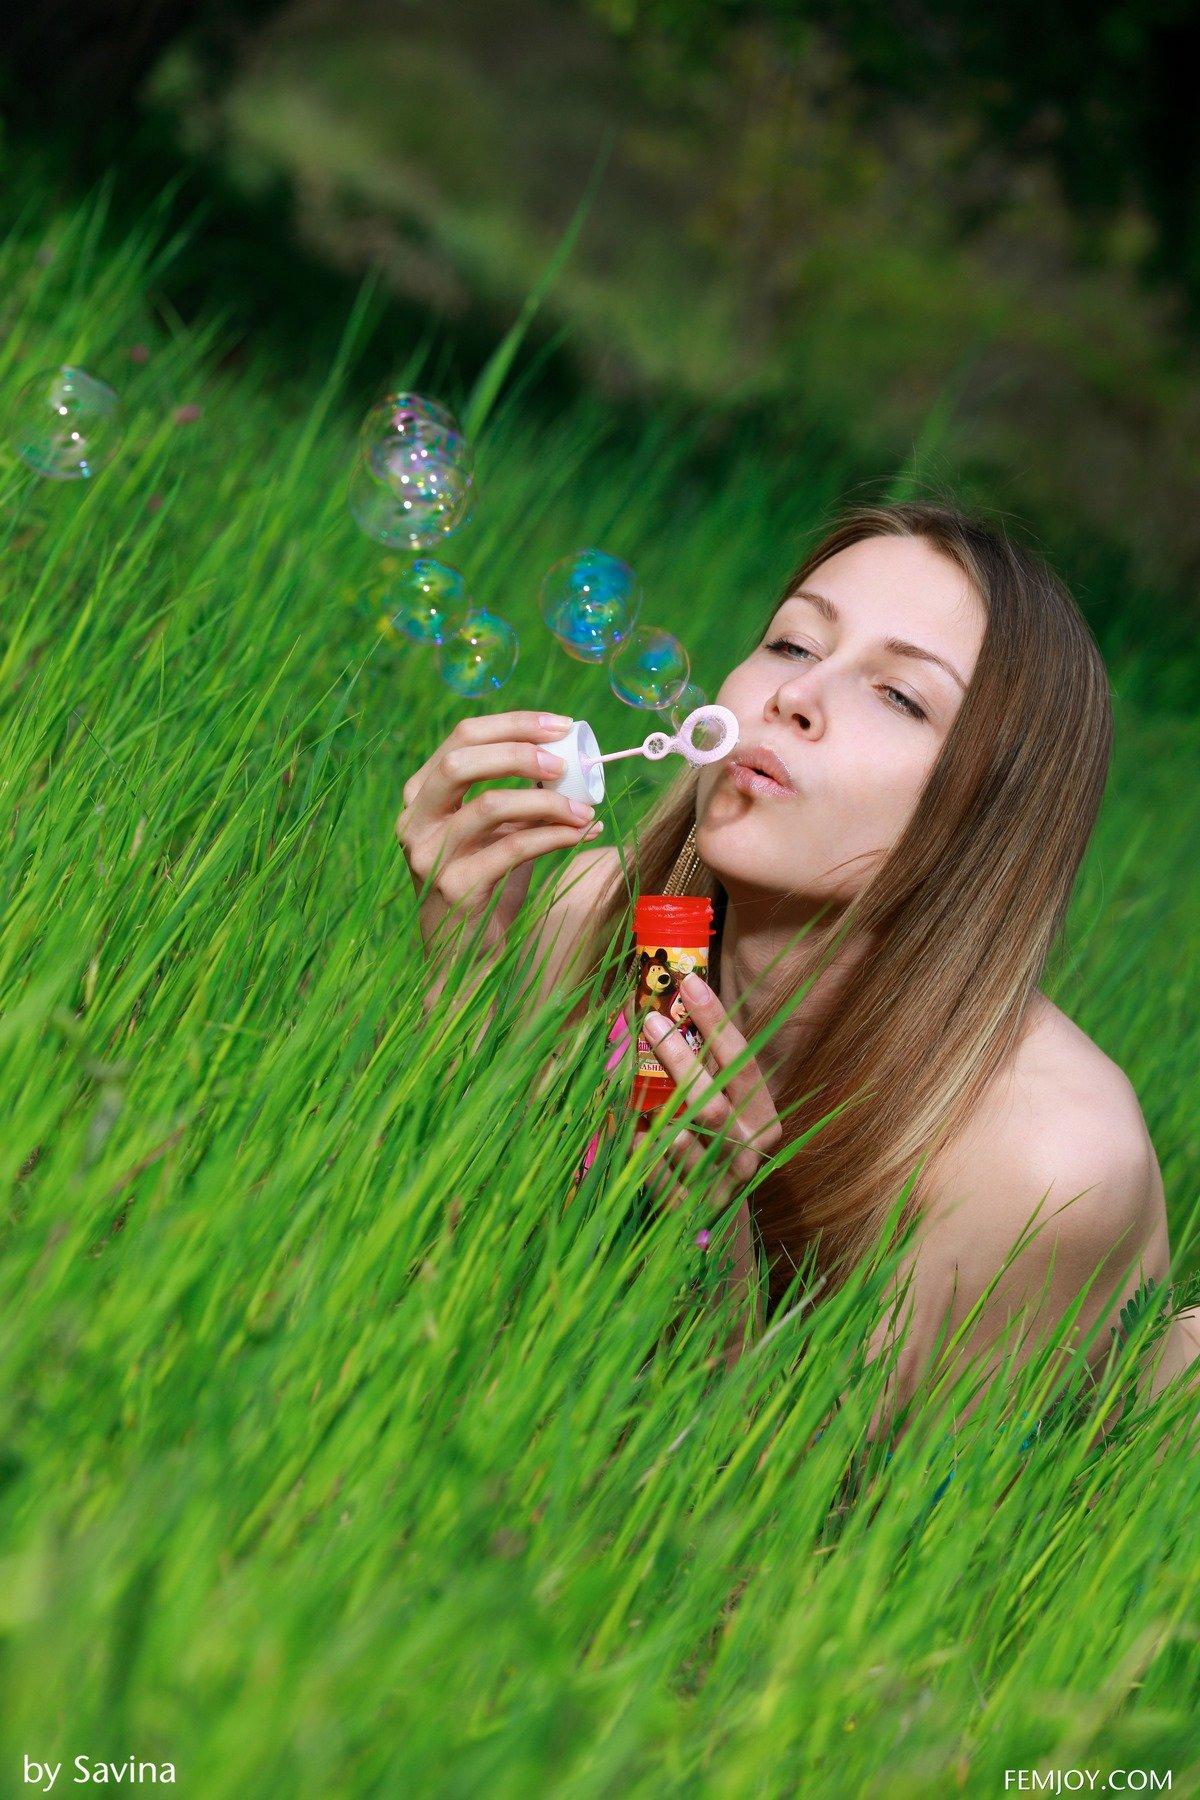 Обнаженная деваха надувает мыльные пузыри на полянке смотреть эротику